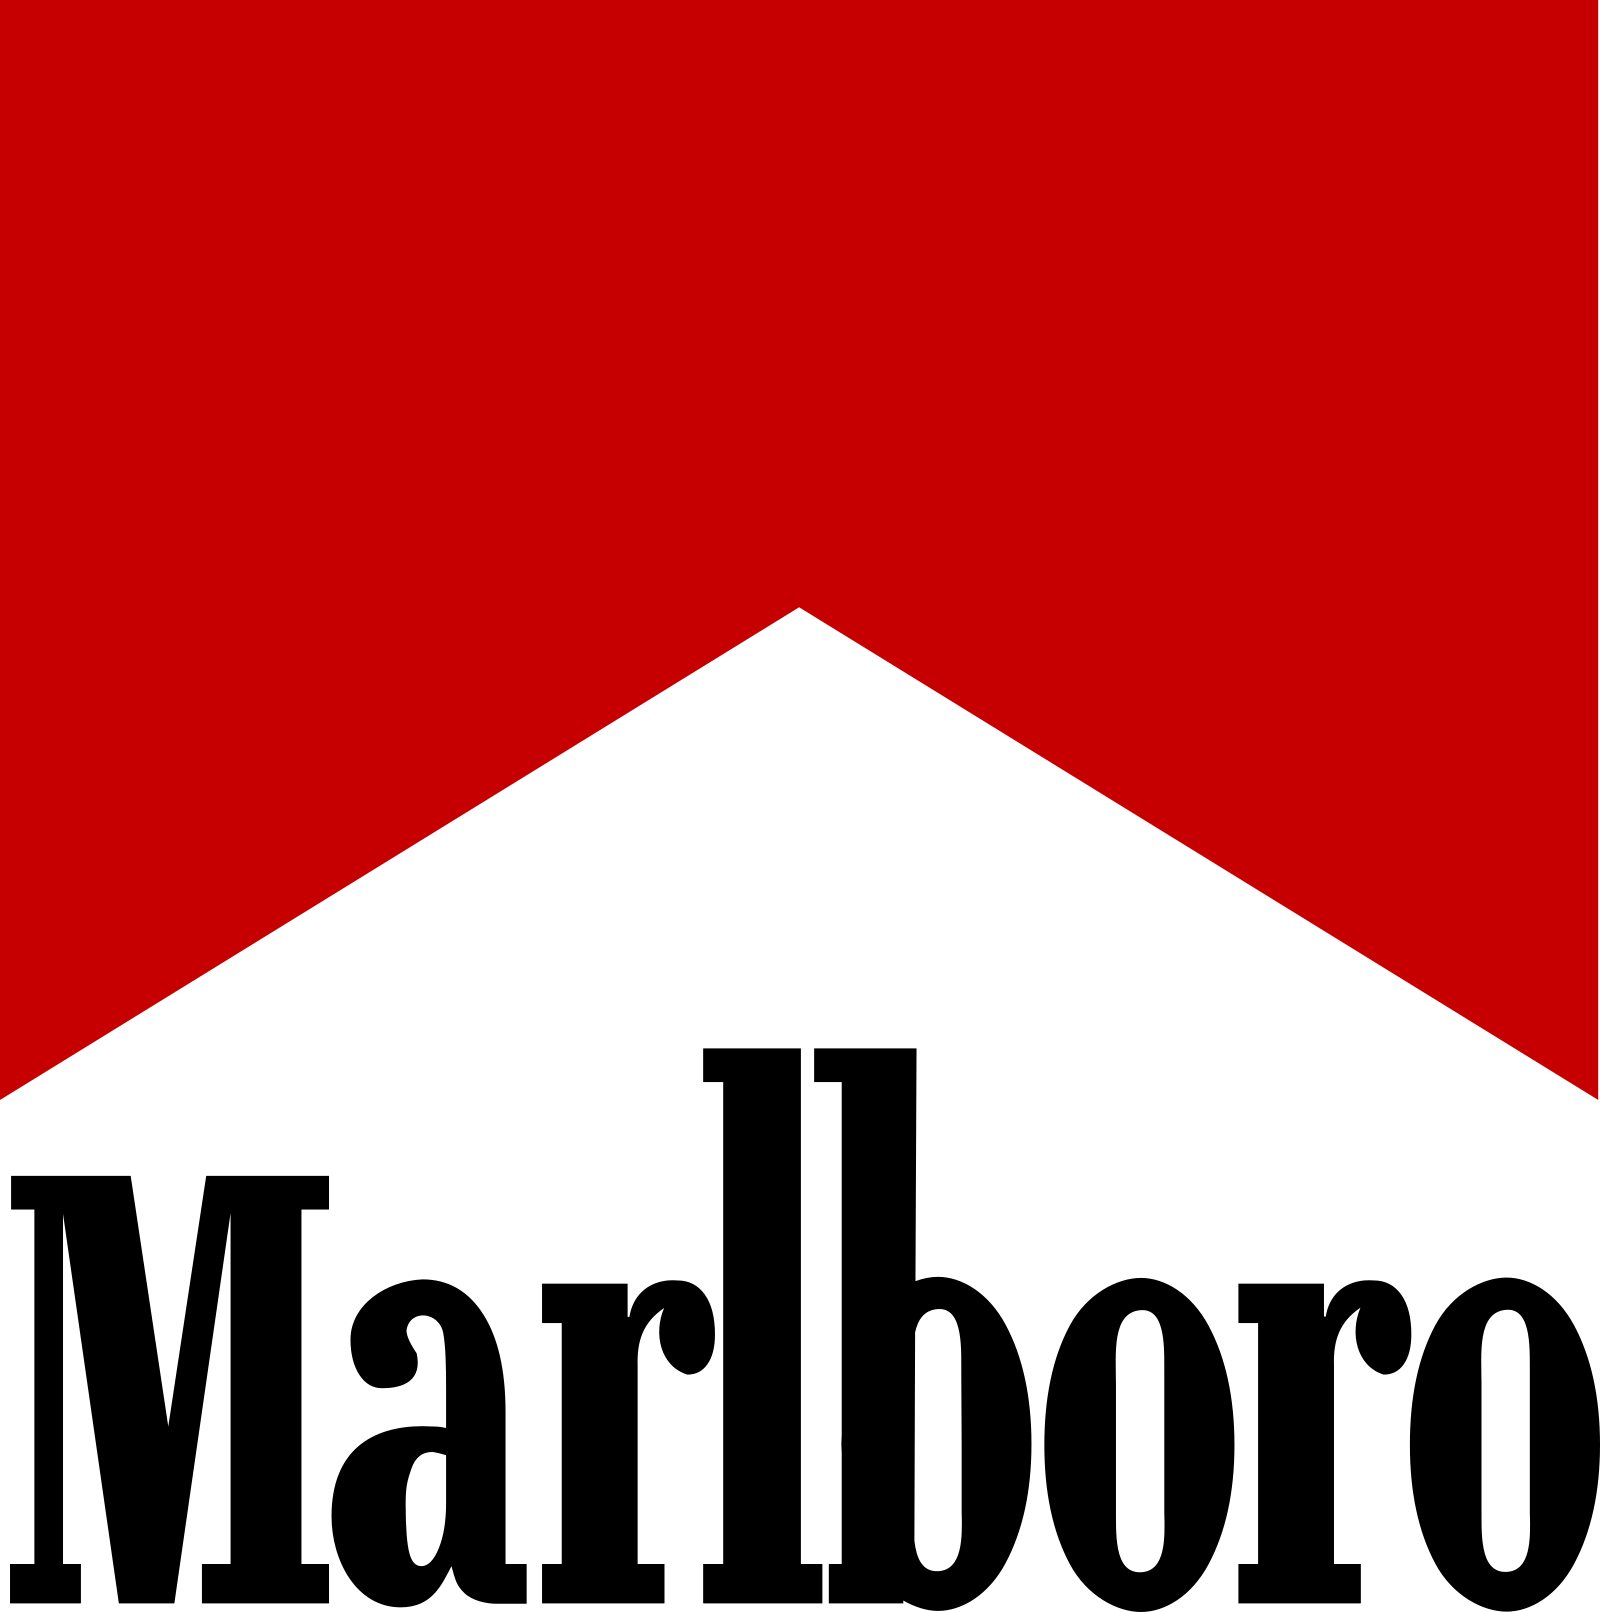 marlboro logo 2 - Marlboro Logo